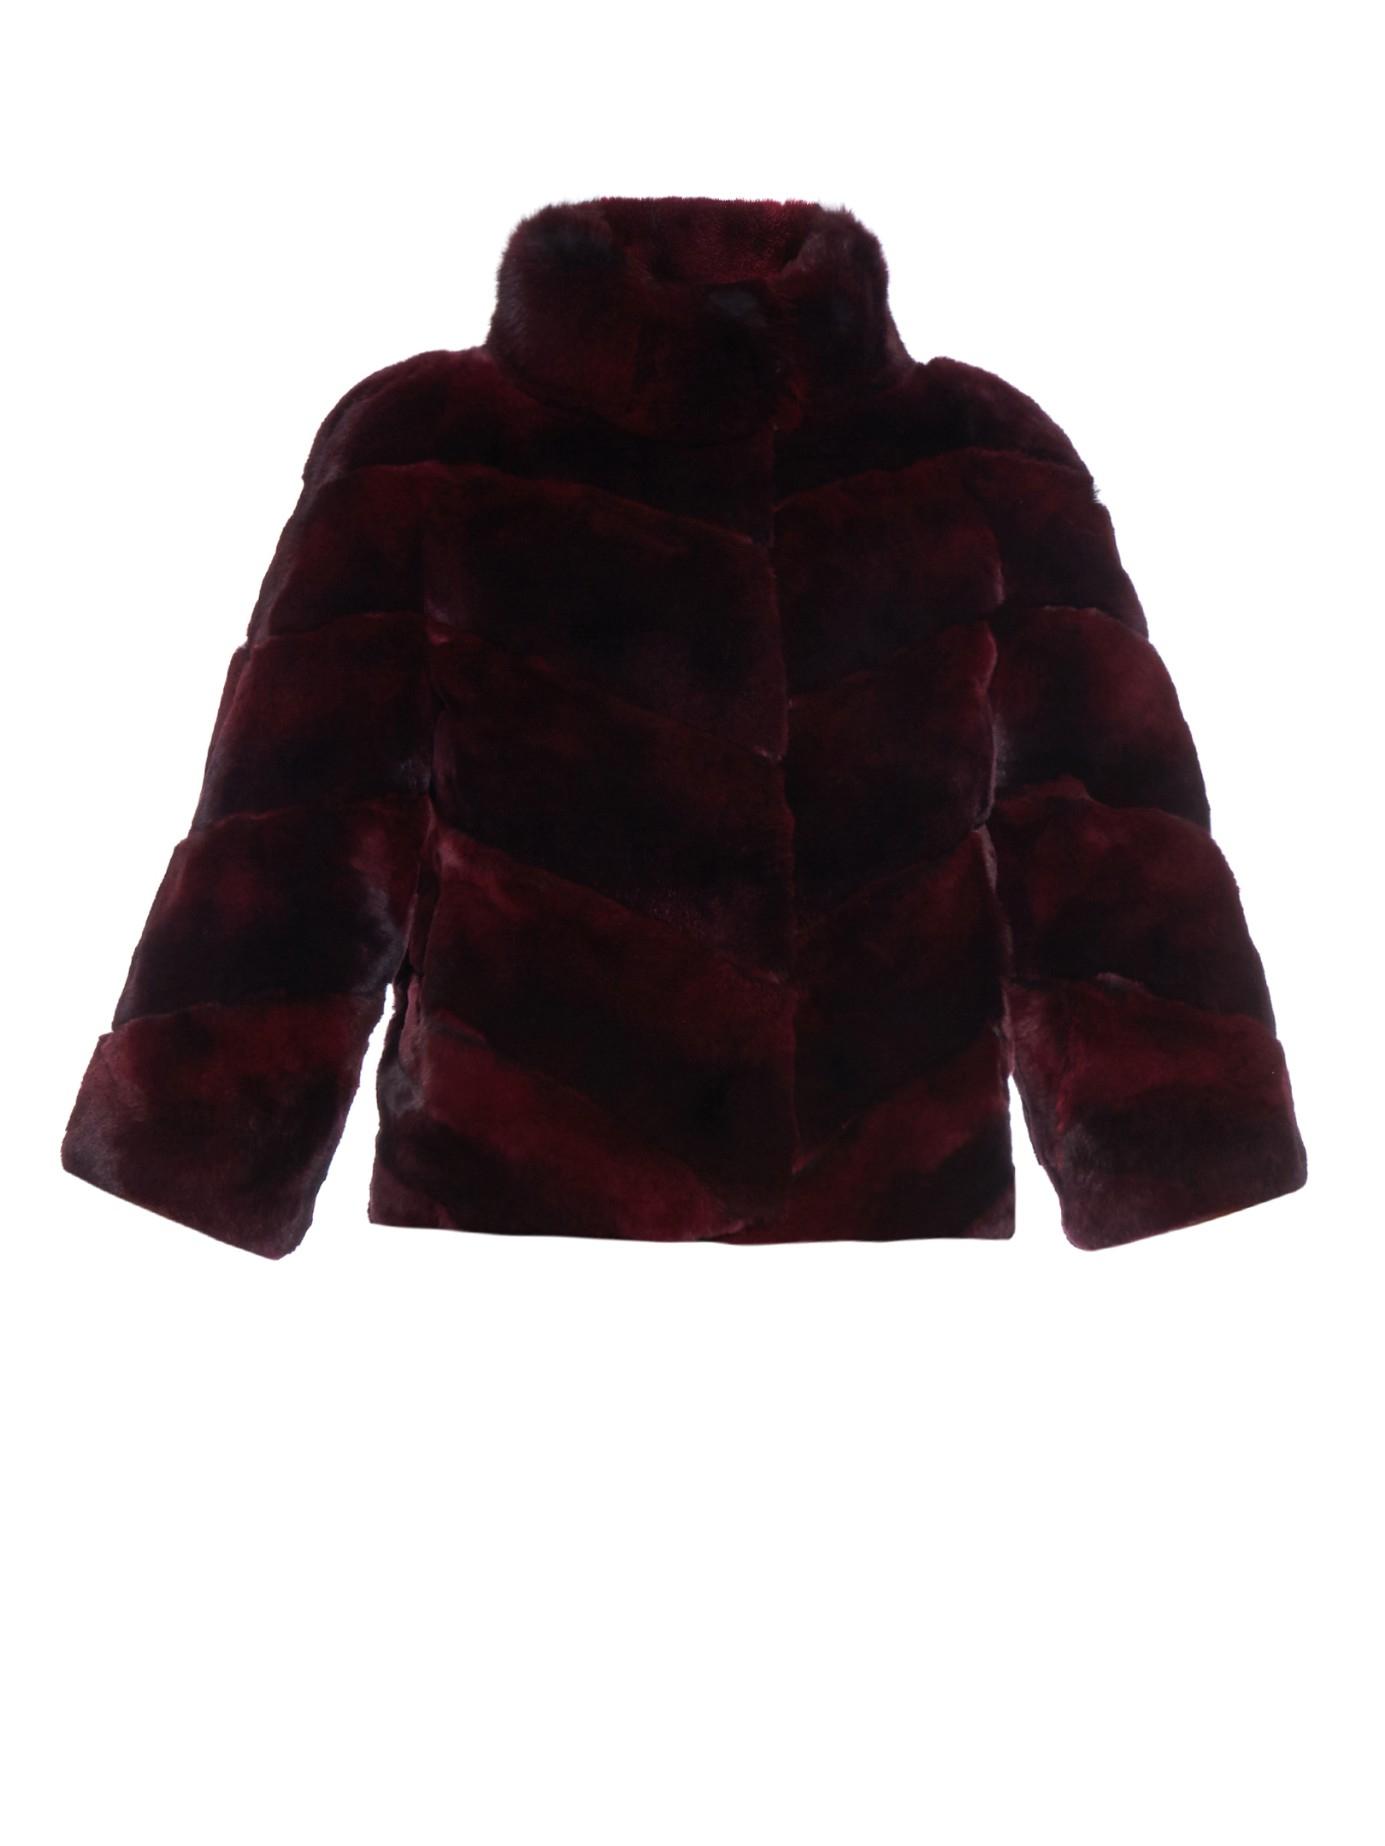 37cb091be1bc Lyst - Diane von Furstenberg Eve Ombré Fur Jacket in Purple